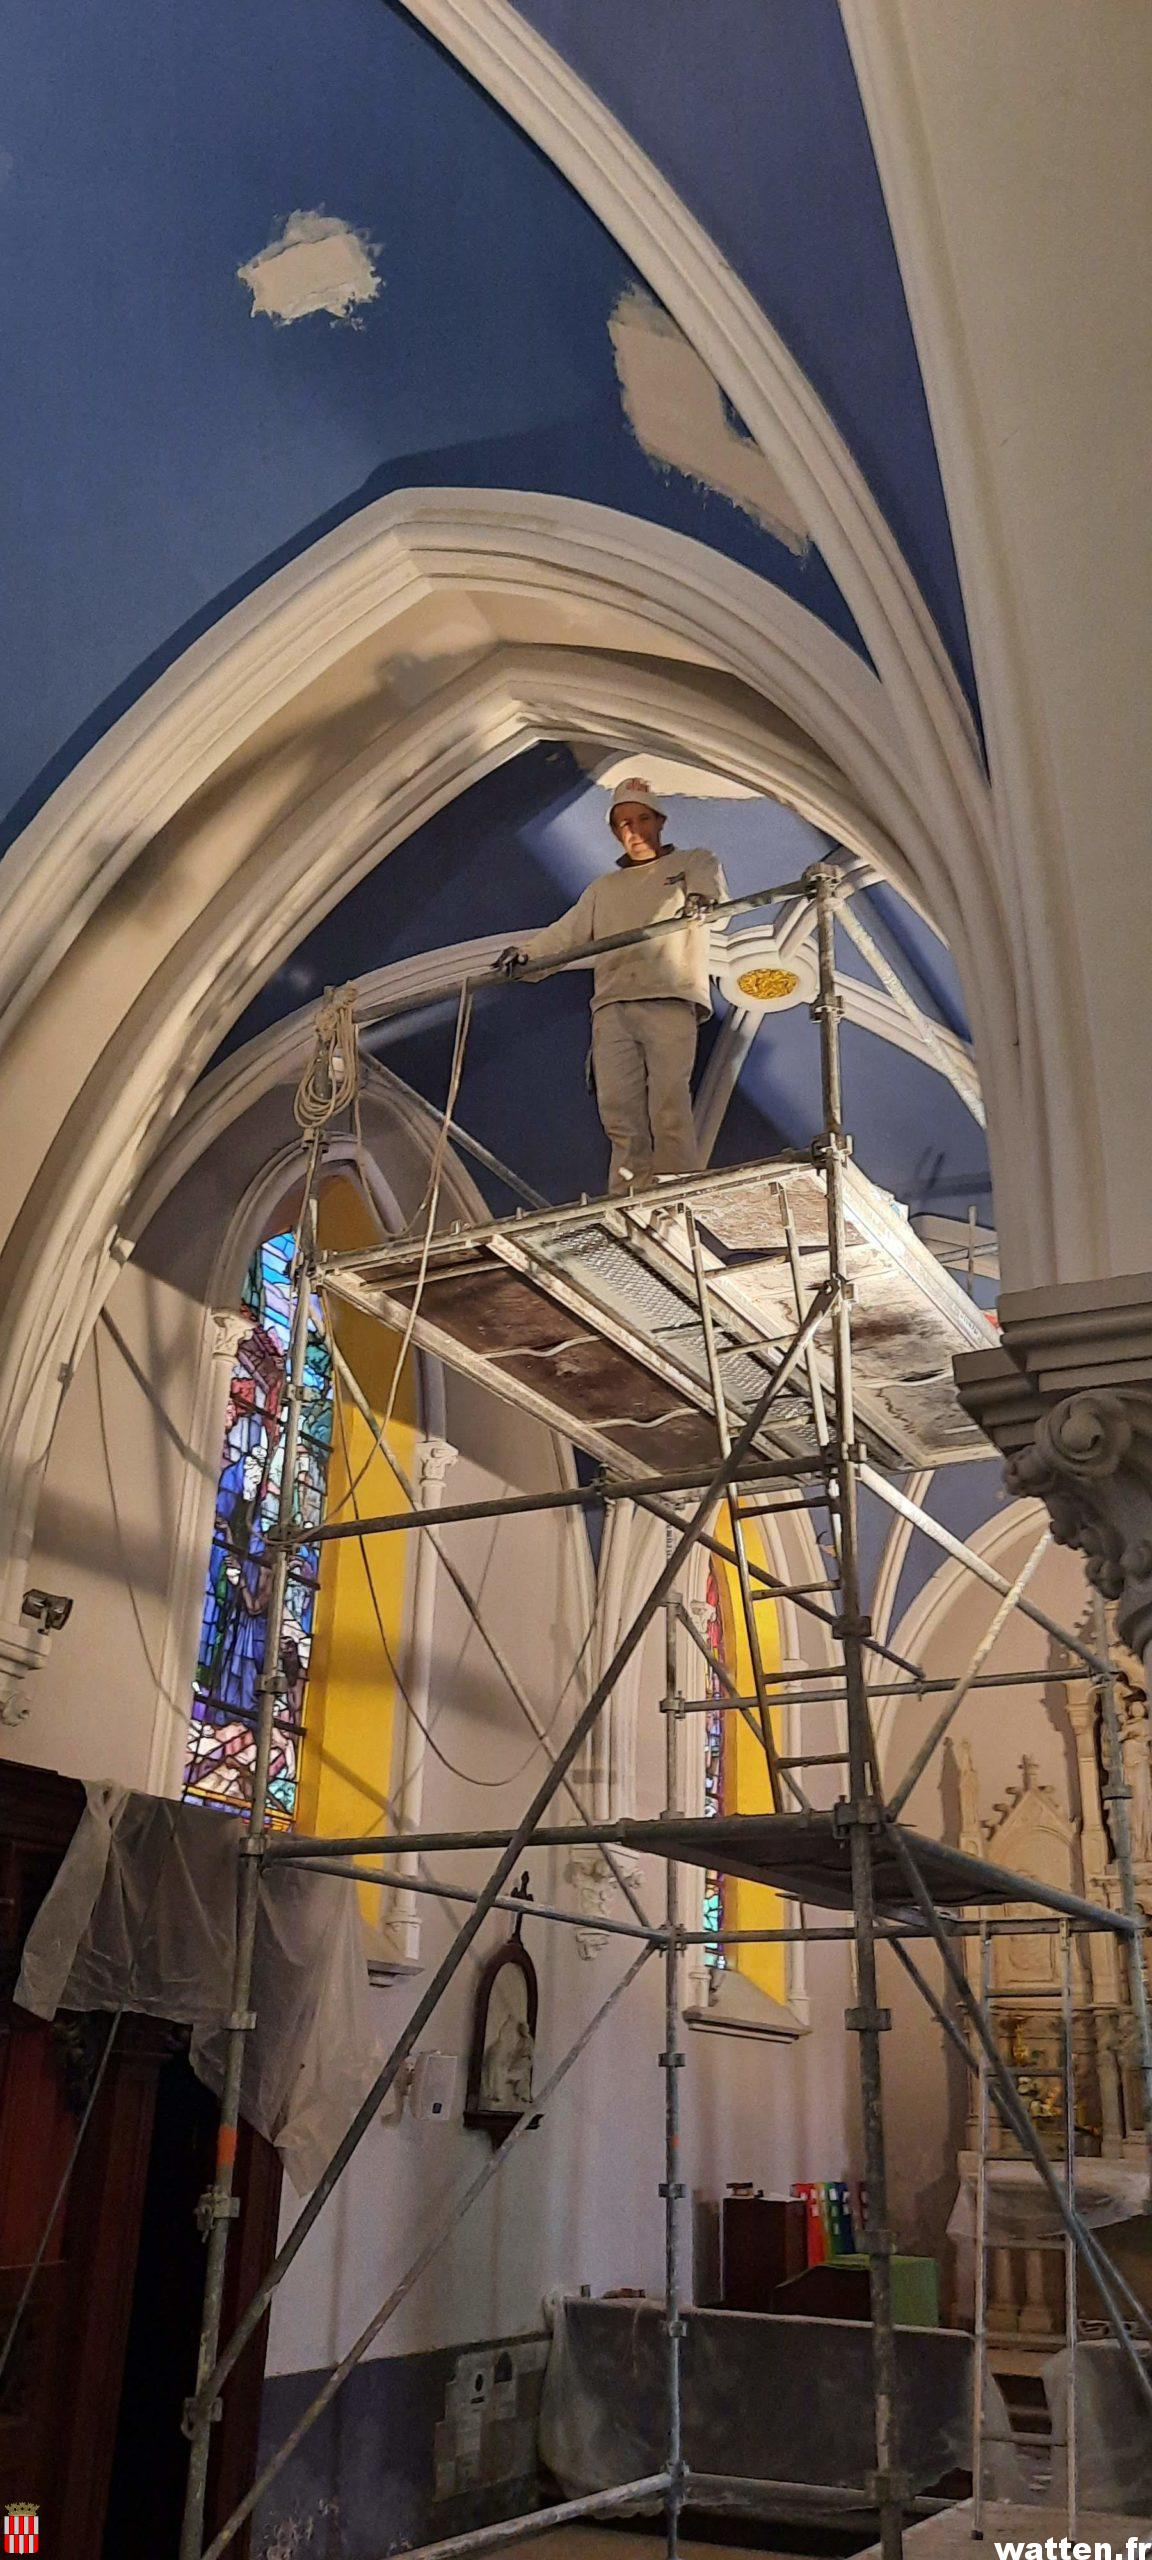 Travaux de rénovation des voûtes dans le chœur et les nefs de l'église Saint-Gilles